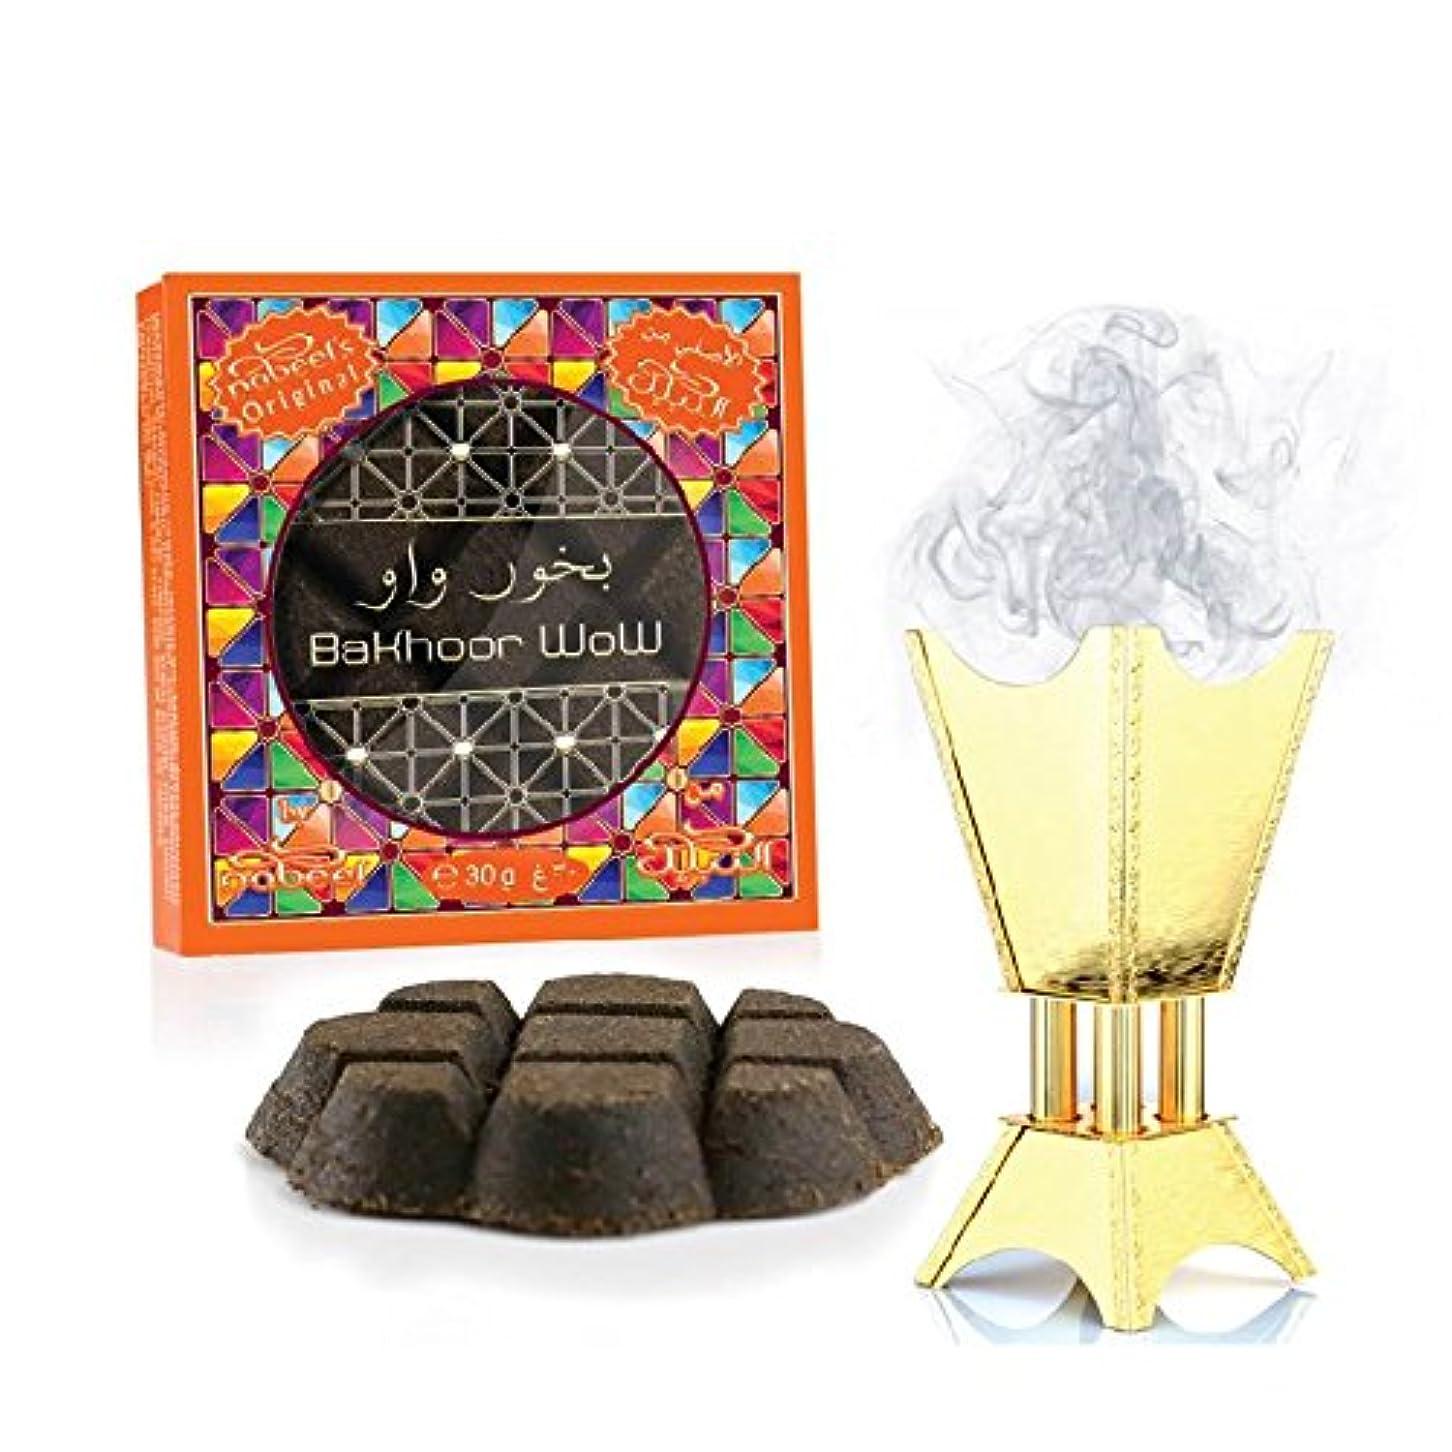 信号コードレス散文Bakhoor Wow Incense (ボックスof 12 x 30 gm ) by Nabeel